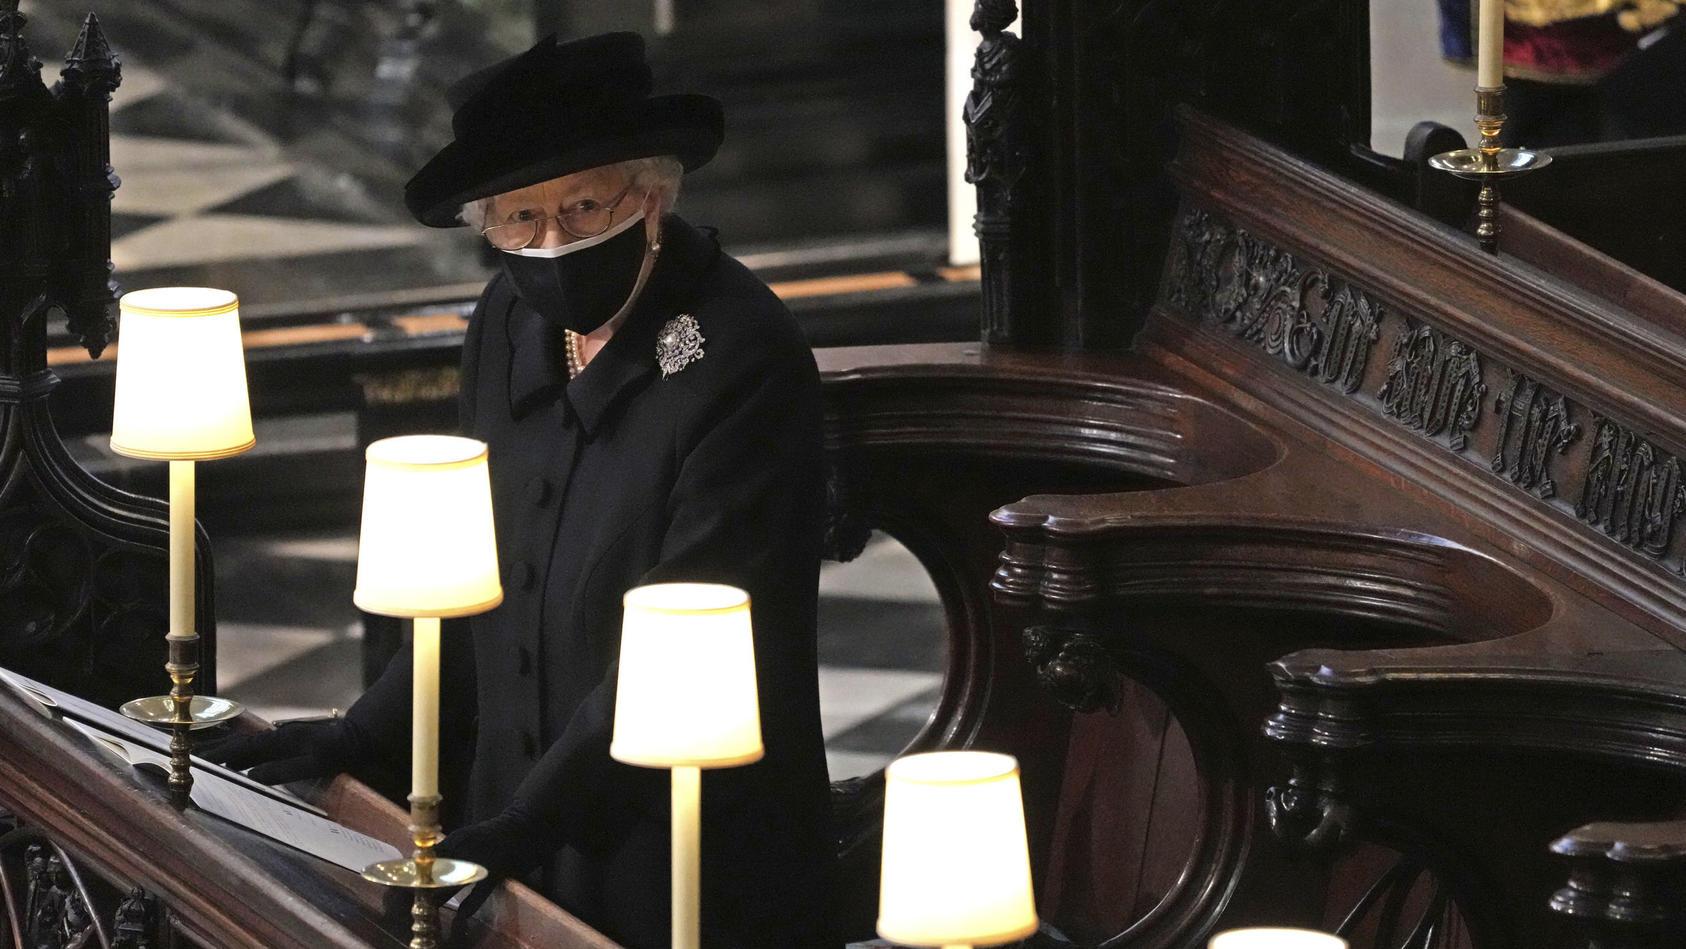 Zwei Wochen nach Prinz Philips Tod endet die offizielle Trauerphase der britischen Königsfamilie. Der Ehemann von Queen Elizabeth II. (95) war am 9. April auf Schloss Windsor im Alter von 99 Jahren verstorben.